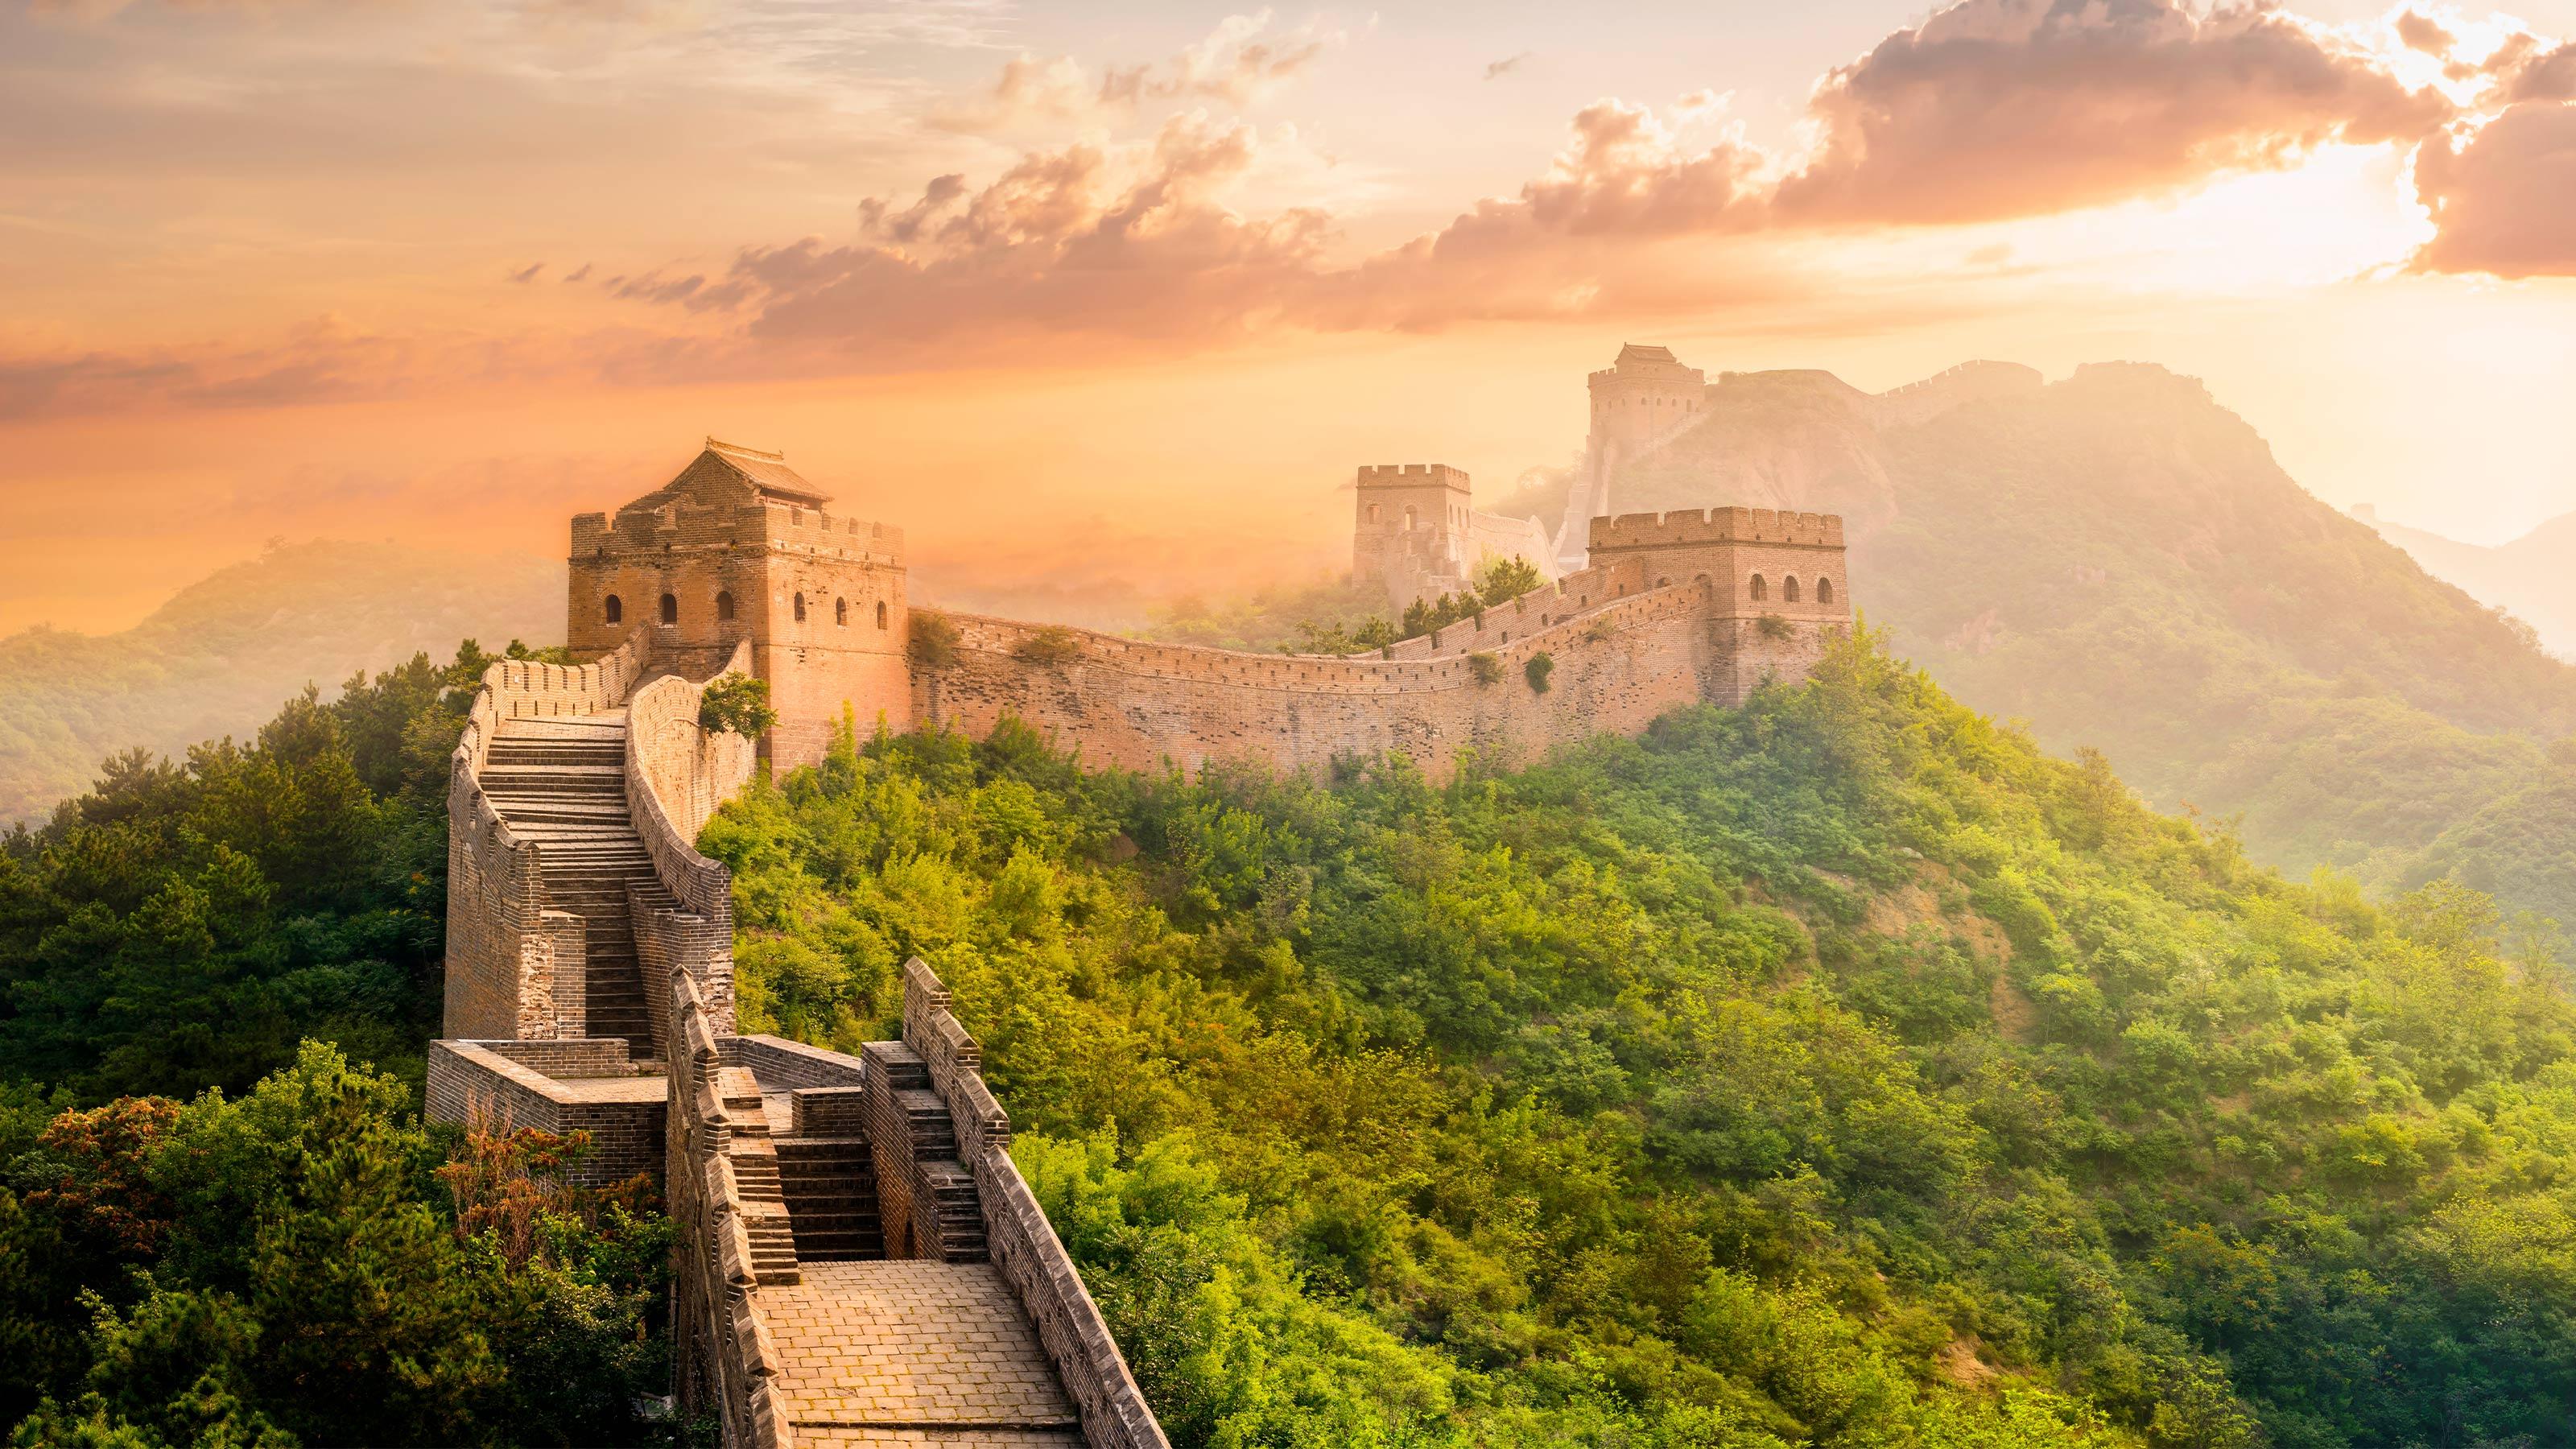 雲講堂-【探索世界各國文化】中國萬里長城